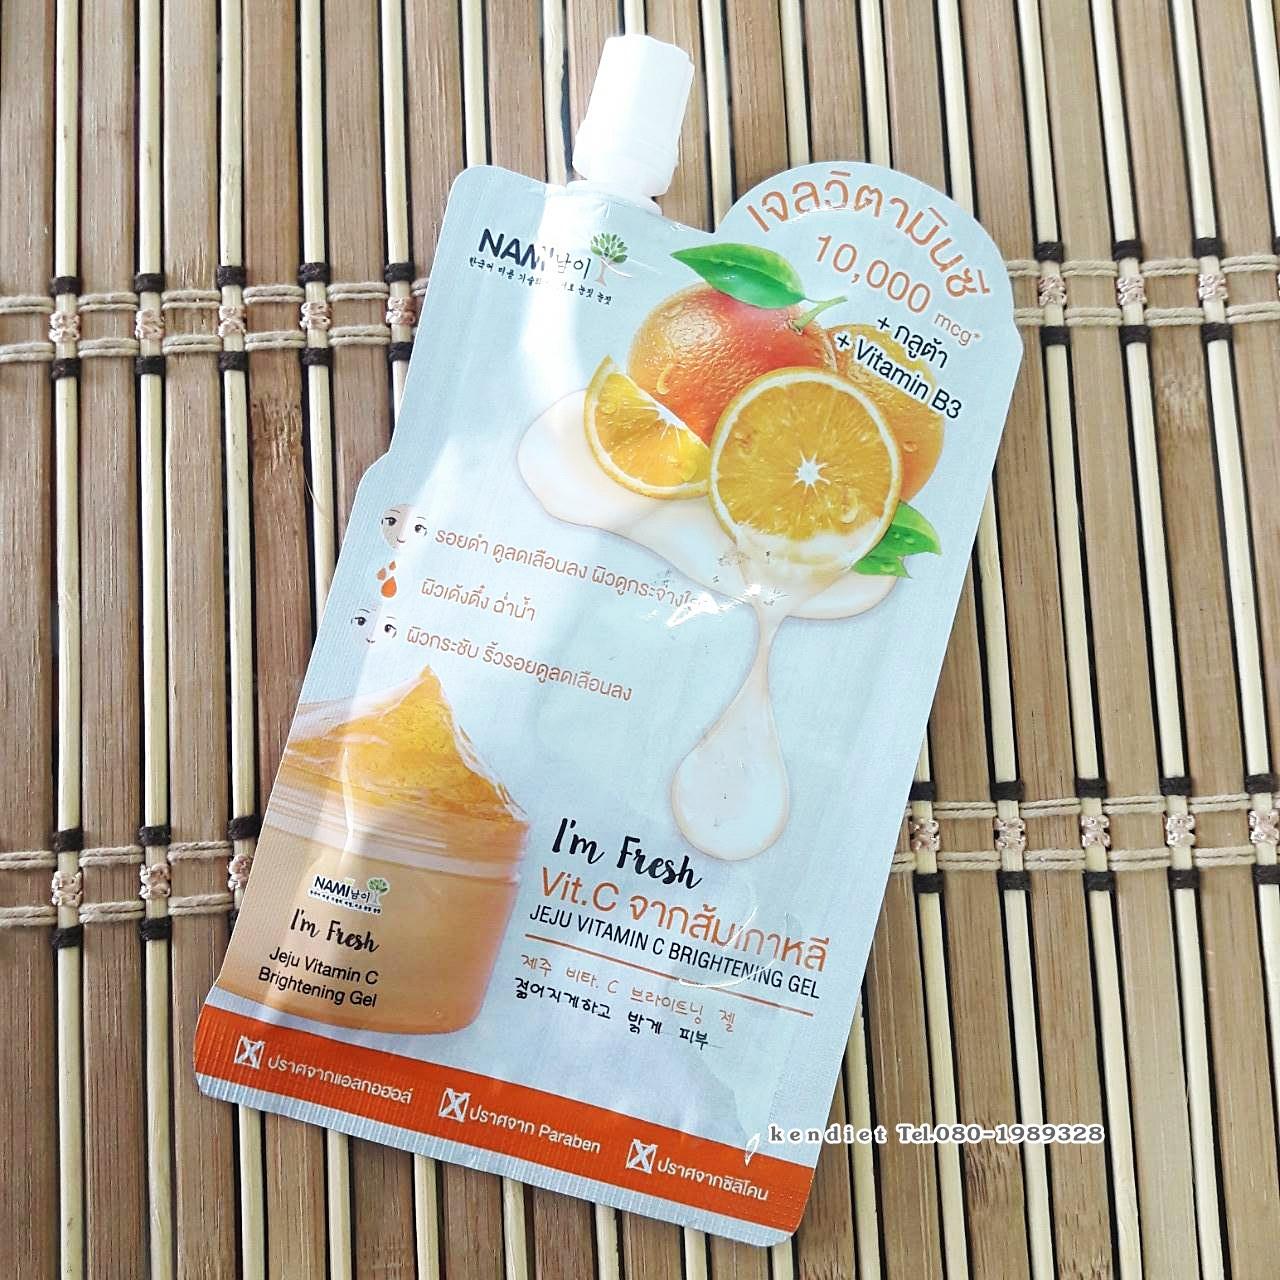 NAMI I'm Fresh jeju Vitamin C Brightening Gel นามิ แอม เฟรช เชจู วิตามิน ซี ไบรท์เทนนิ่ง เจล จากส้มเกาหลี